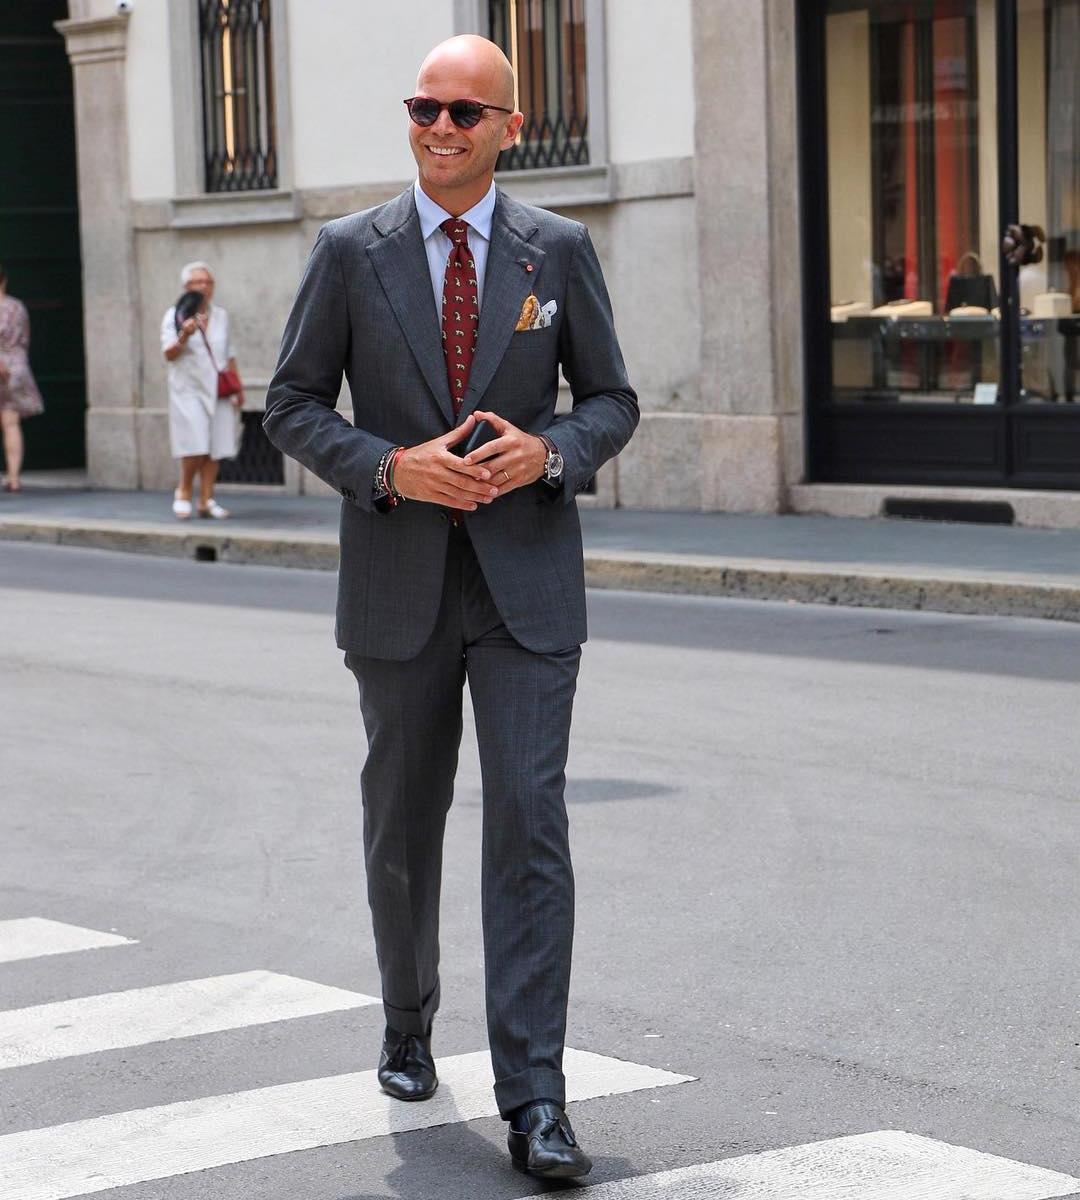 Vyras vilki pilką kostiumą, šviesiai mėlynus marškinius, avi šviesiai rudus batus